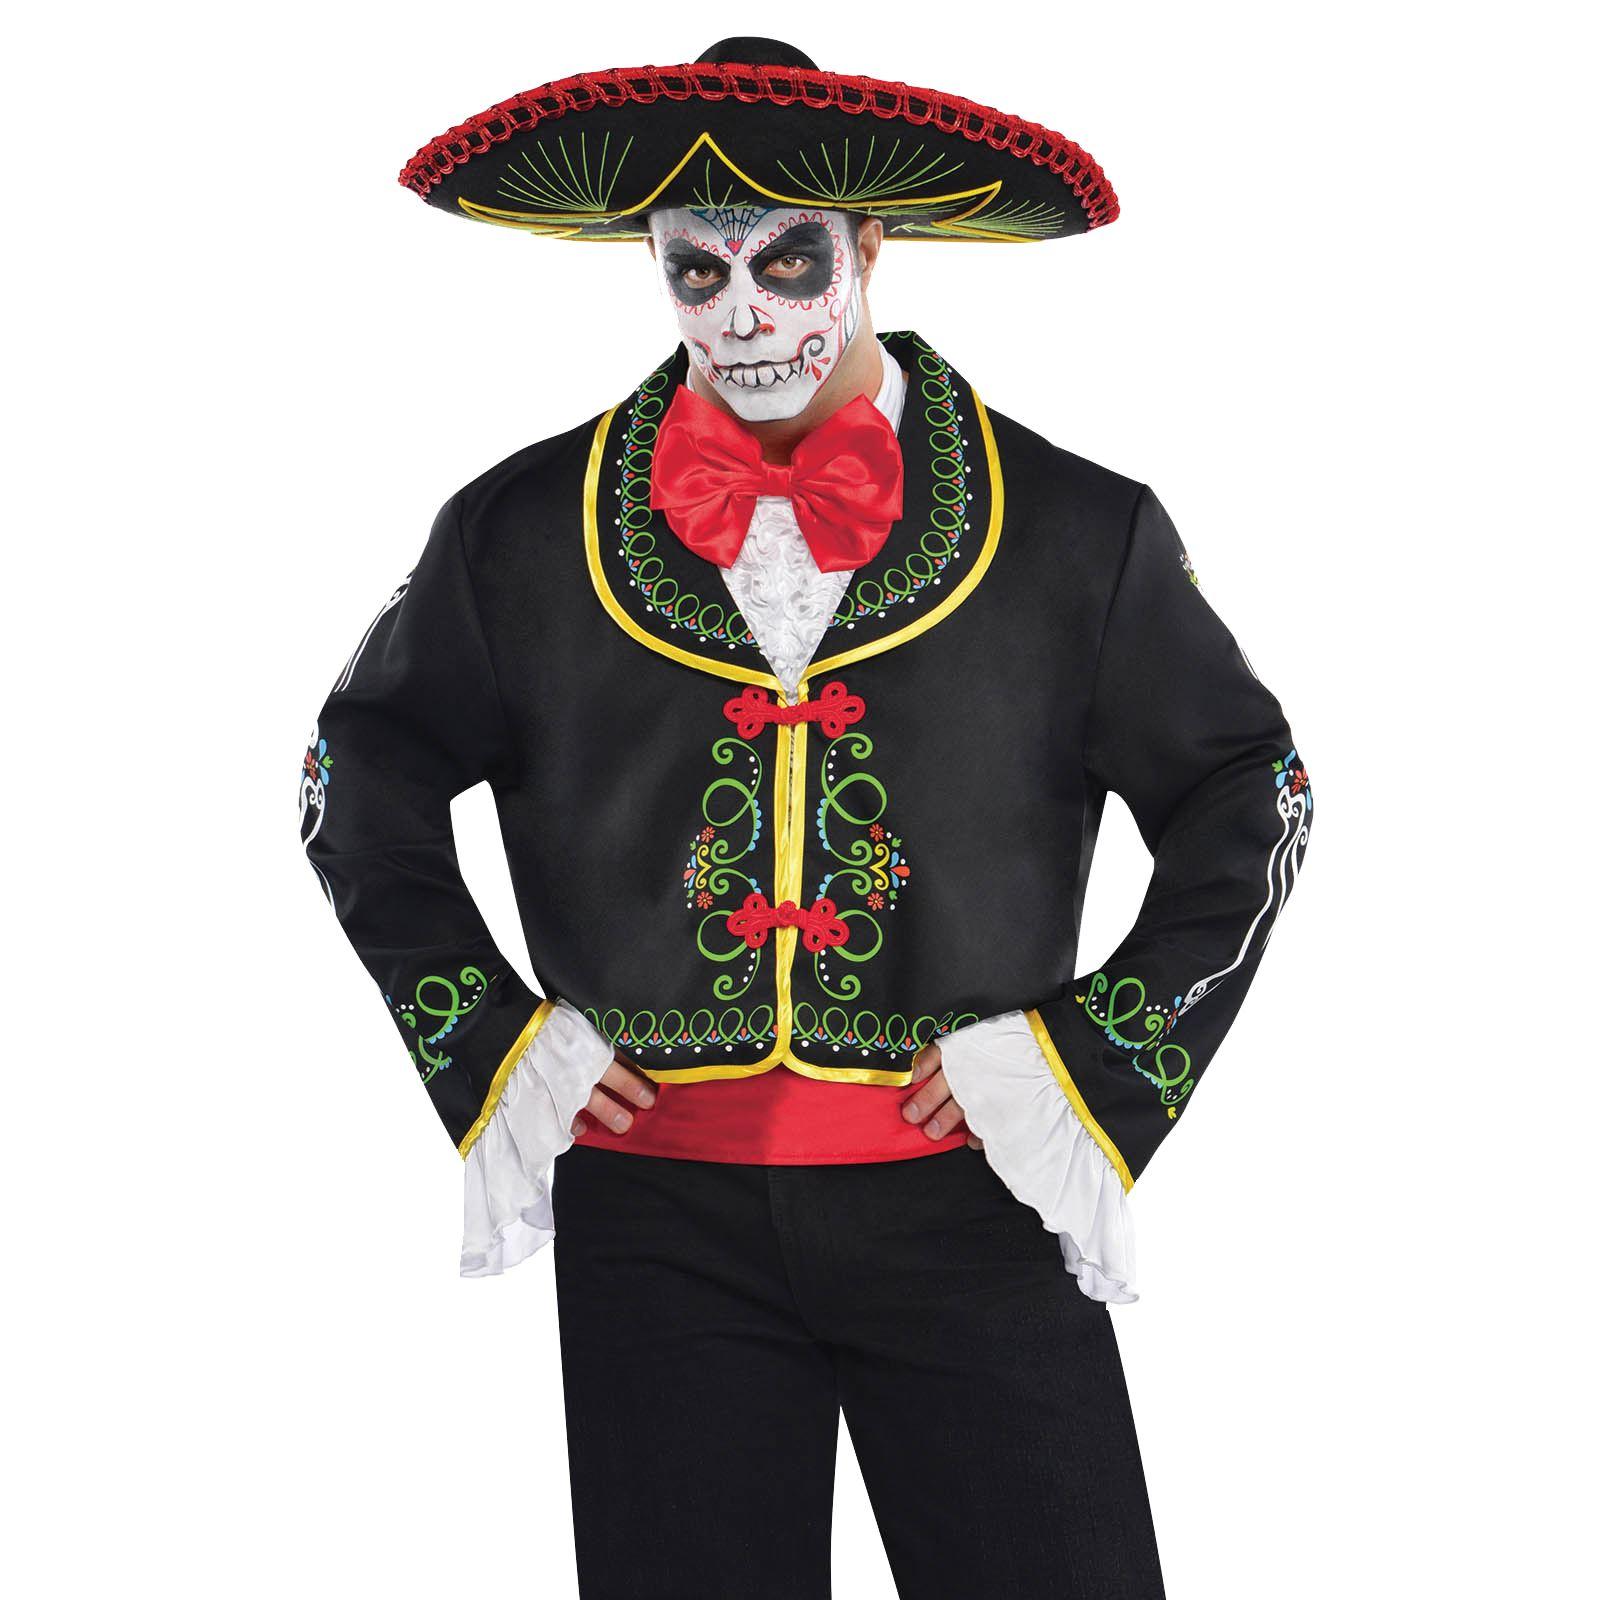 f6a92c3c4be68 Hombre DÍA DE LOS MUERTOS señor esqueleto Disfraz Halloween Sombrero ...